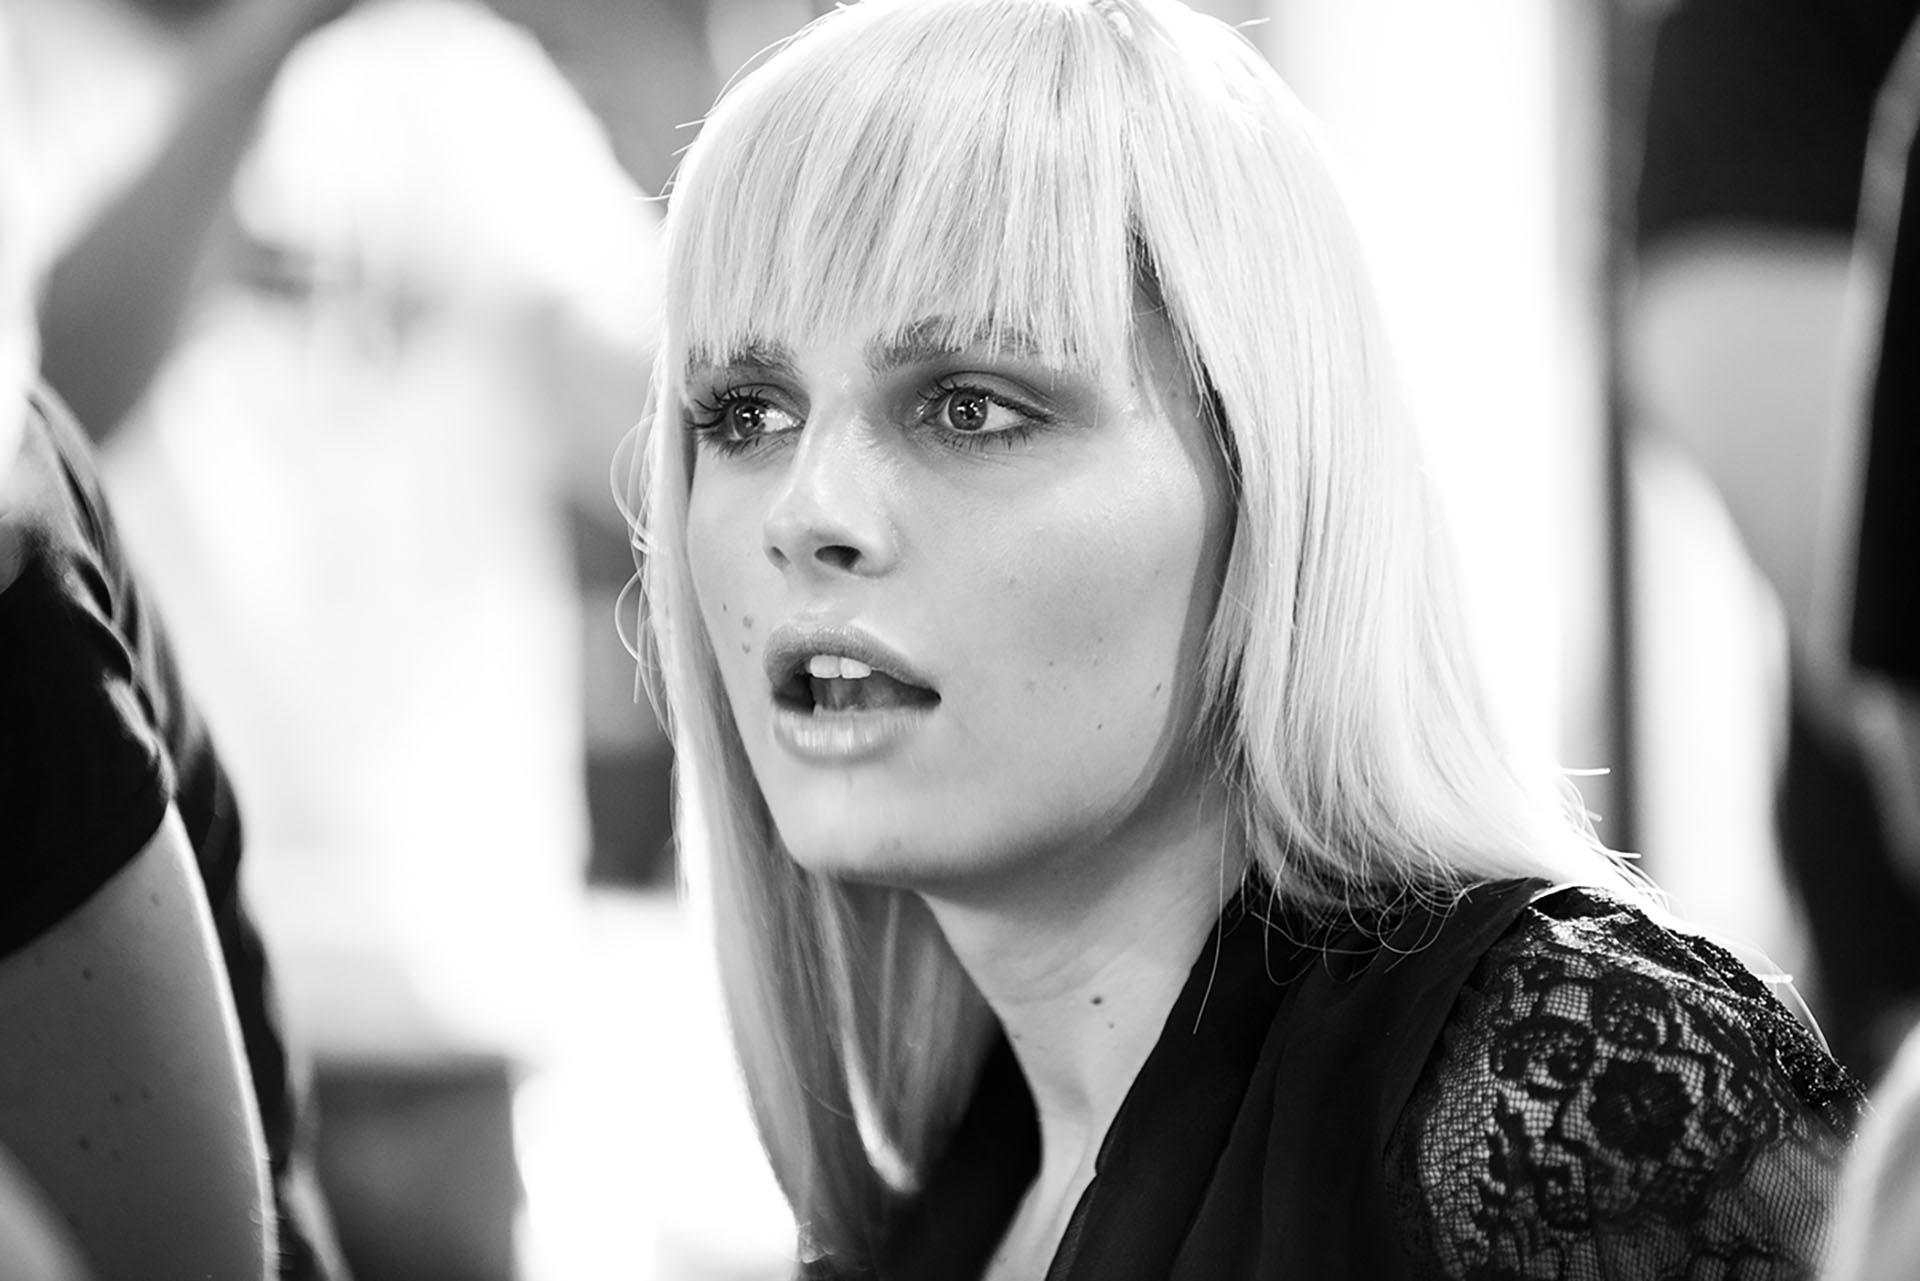 Andrejia Pejic, Model